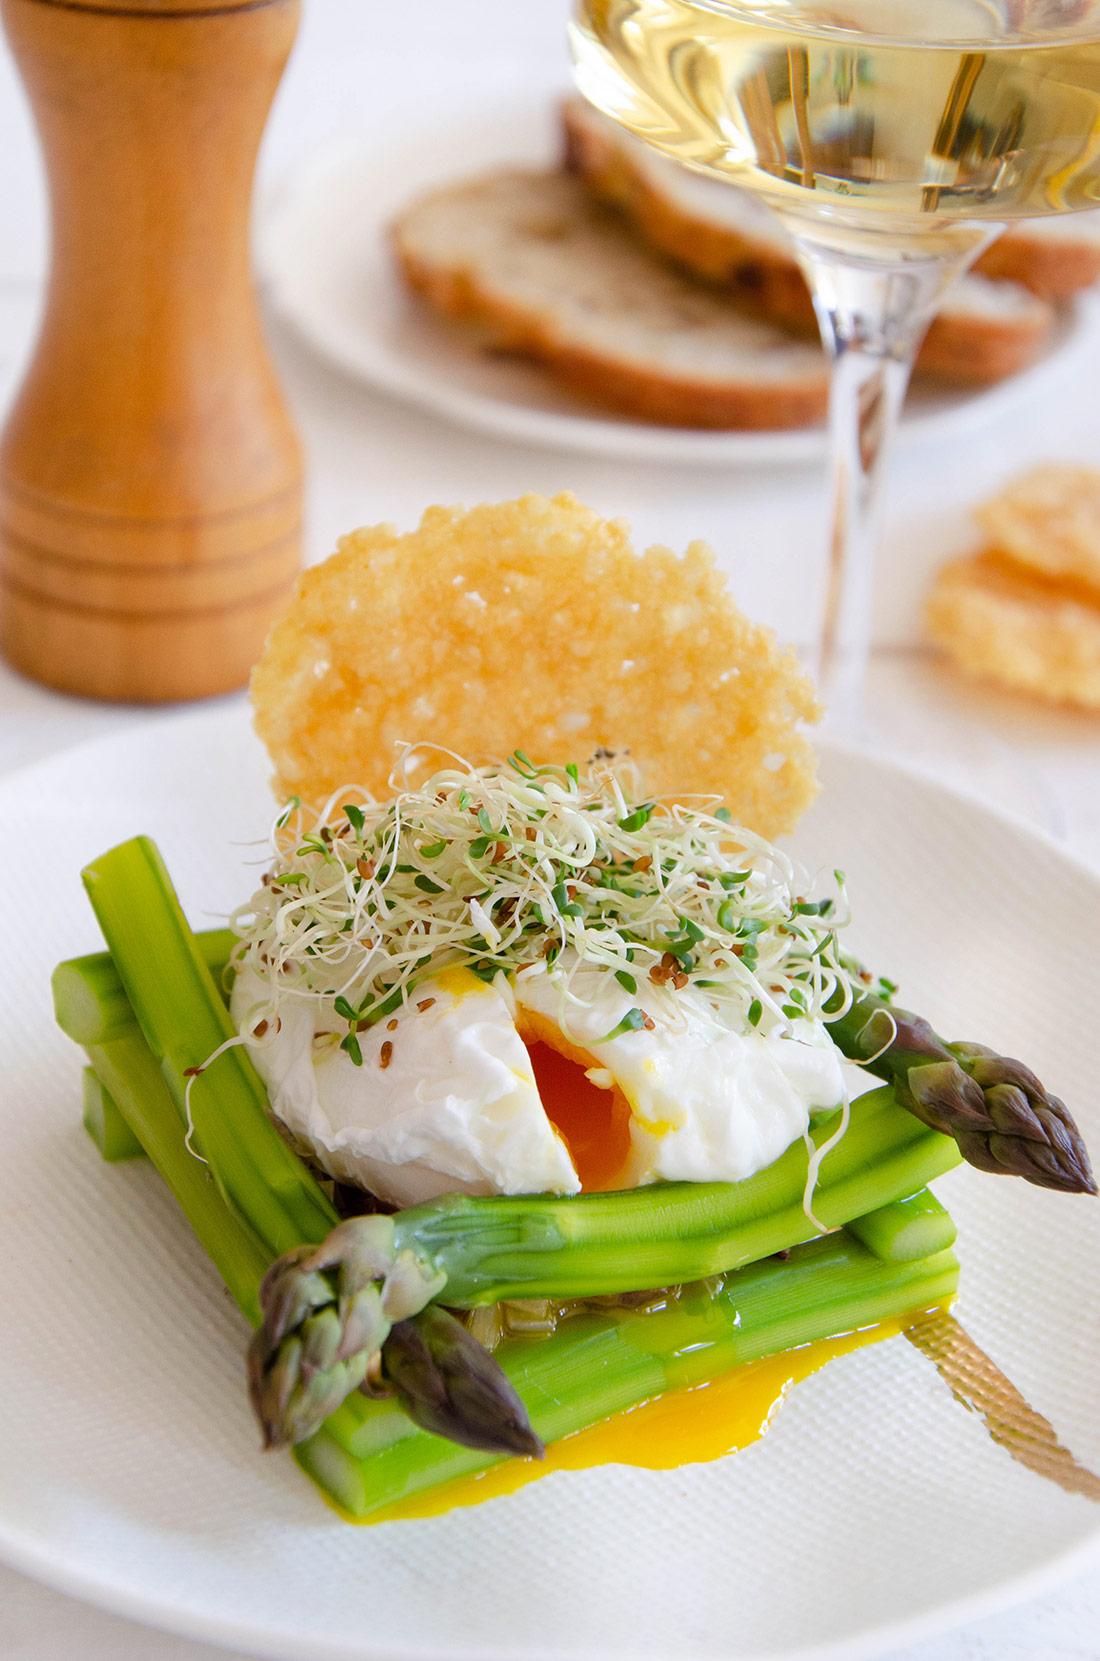 Recette d'oeuf mollet, nid d'asperges et tuile au parmesan. Une entrée savoureuse et jolie.